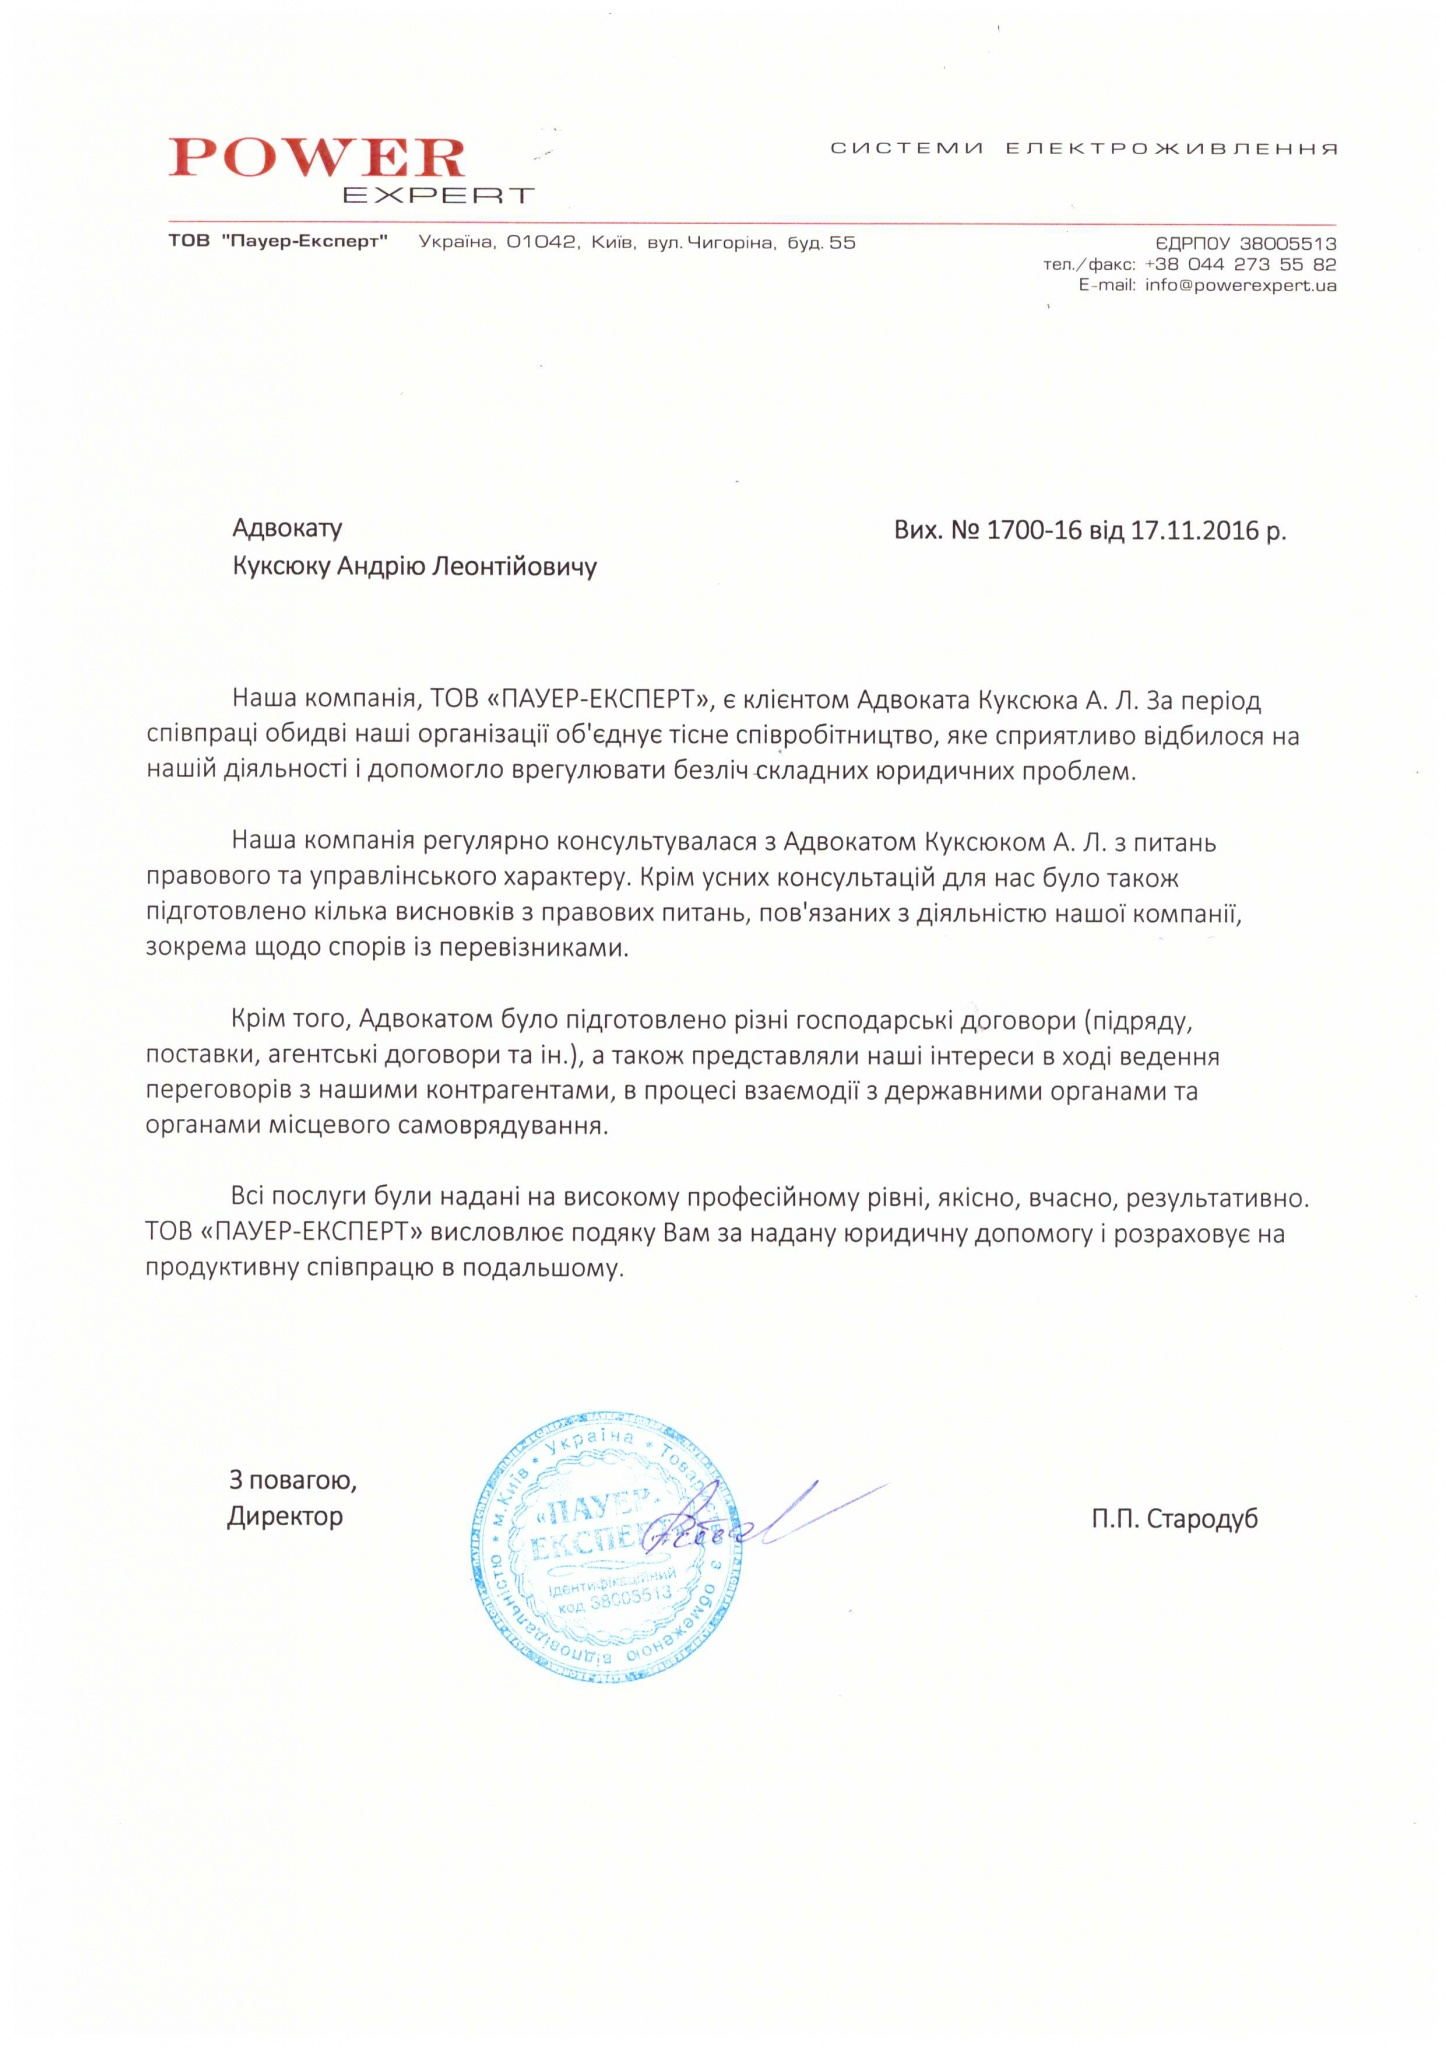 Рекомендаційний лист від Товариства з обмеженою відповідальністю «ПАУЕР-ЕКСПЕРТ»